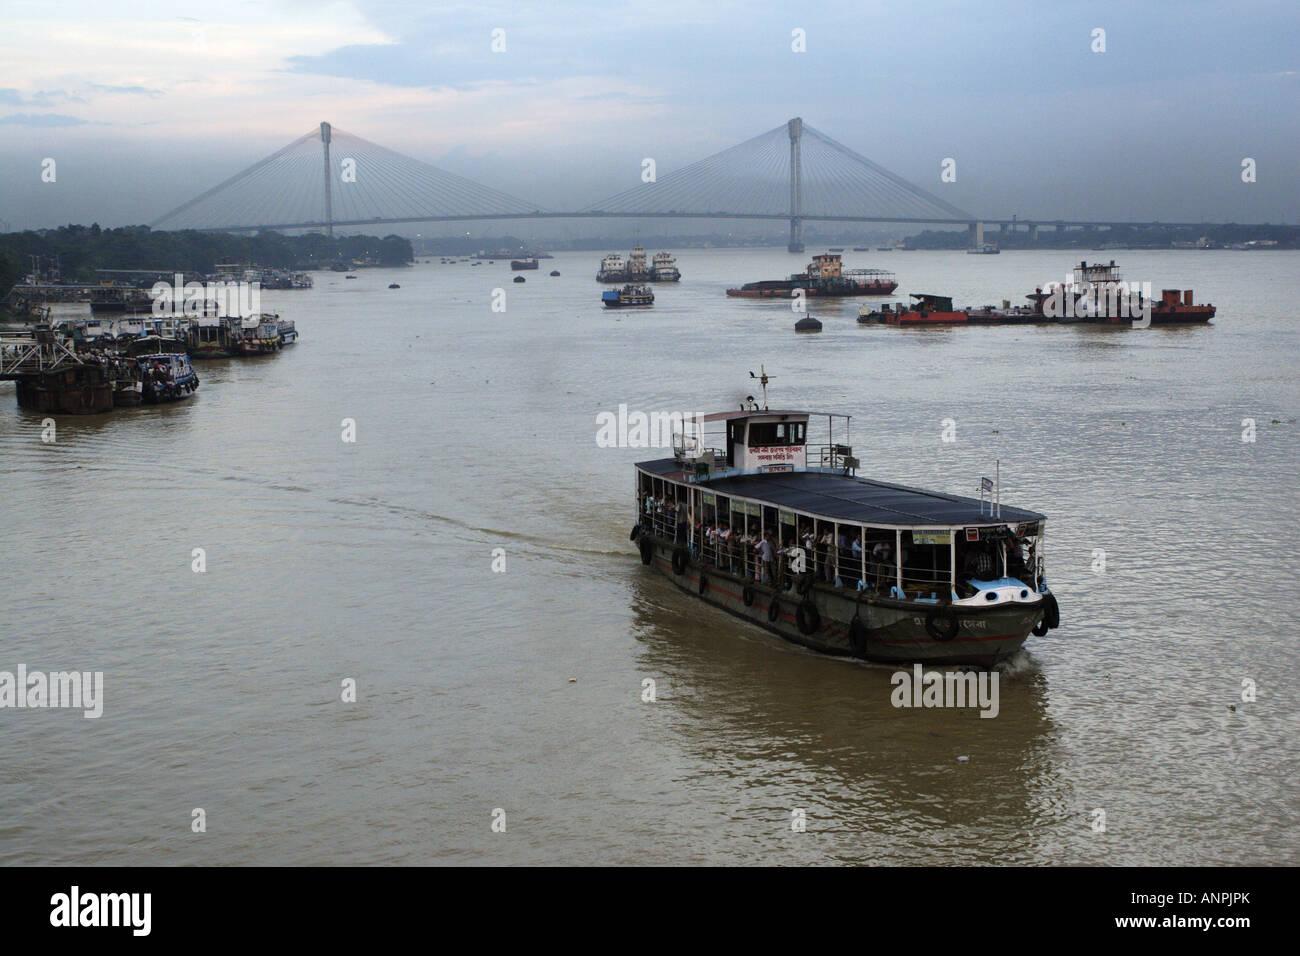 Una barca che porta i turisti in un viaggio lungo il Fiume Hooghly. Il Vidyasagar Seta sospensione ponte sospeso Immagini Stock